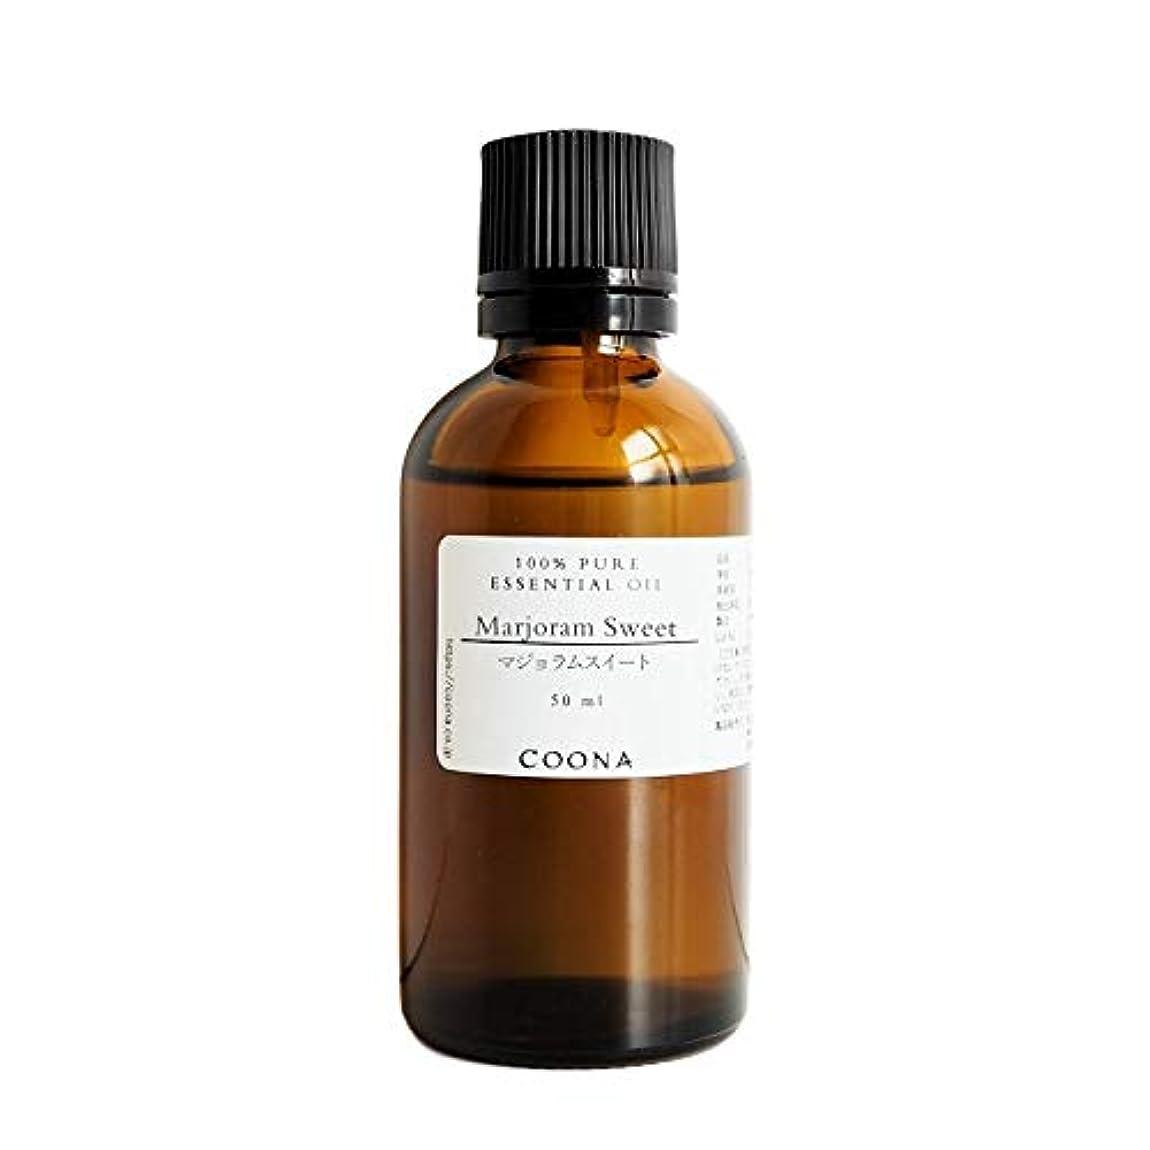 みすぼらしいオリエント島マジョラム スイート 50 ml (COONA エッセンシャルオイル アロマオイル 100%天然植物精油)